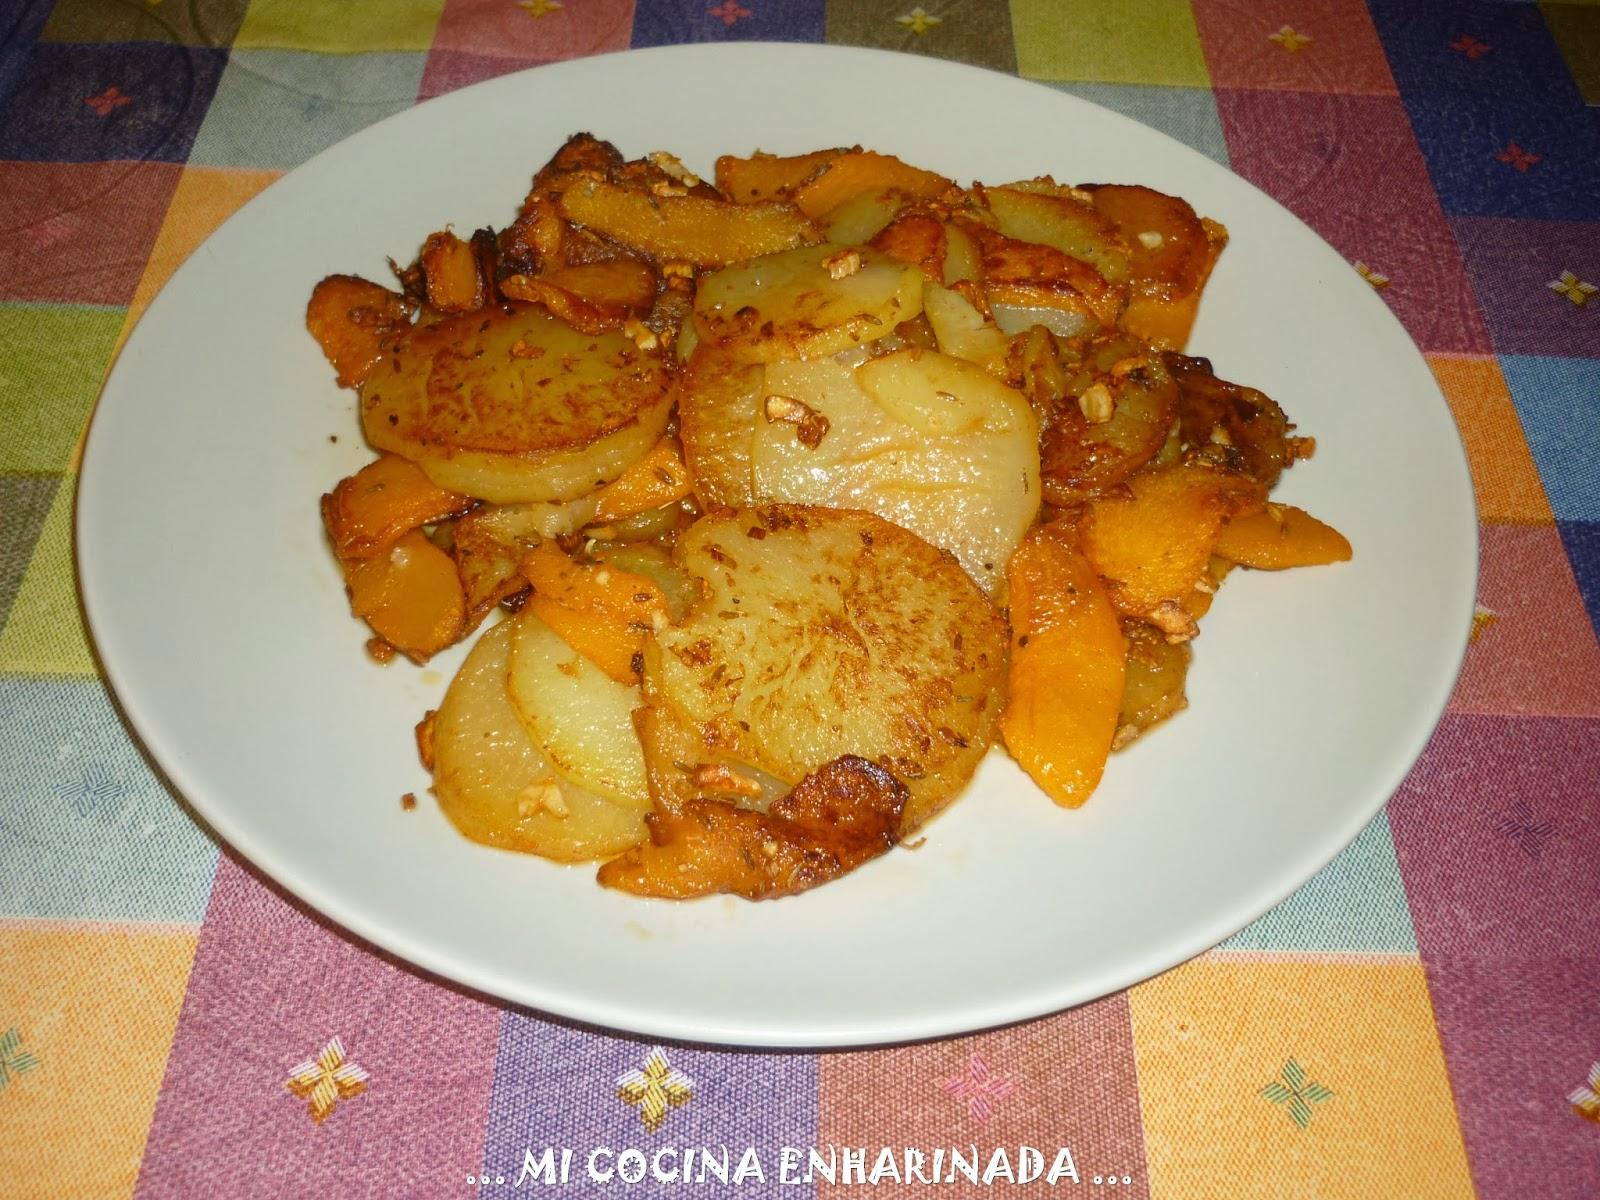 Mi cocina enharinada patata frita y calabaza - Cocinar calabaza frita ...